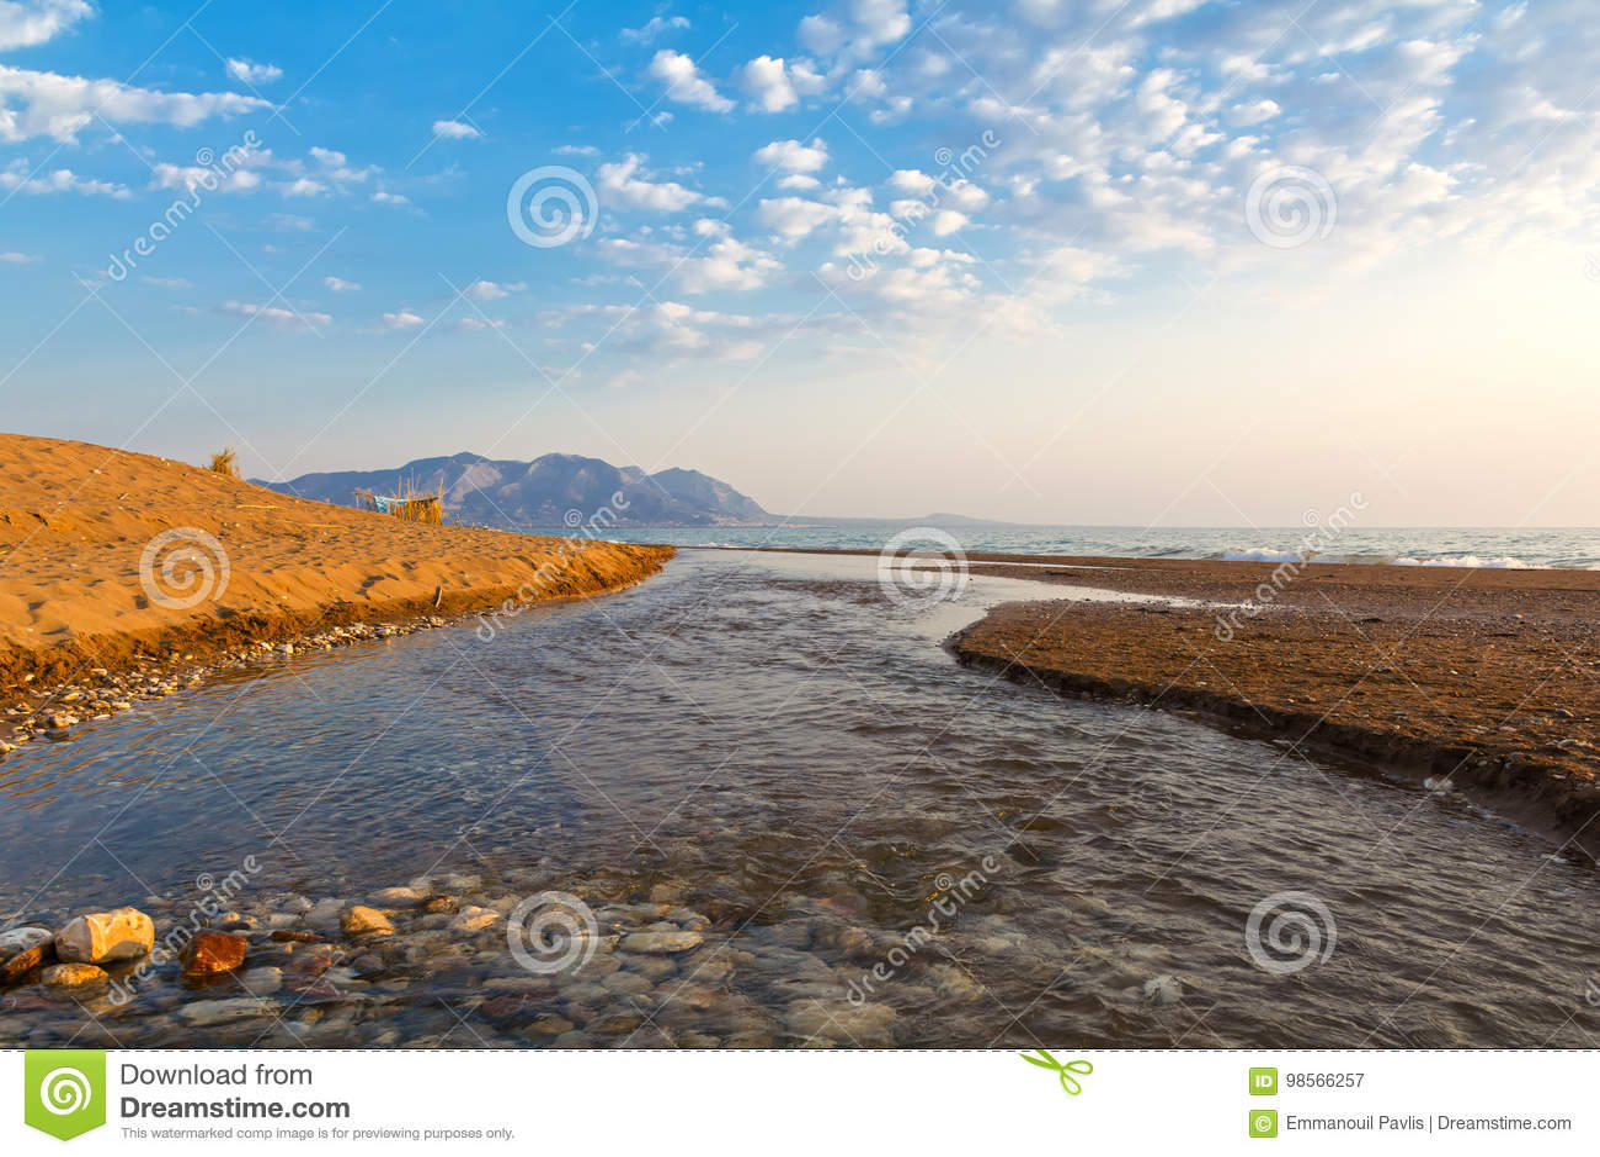 Estuarium van een kleine rivier op een zandig strand, Griekenland